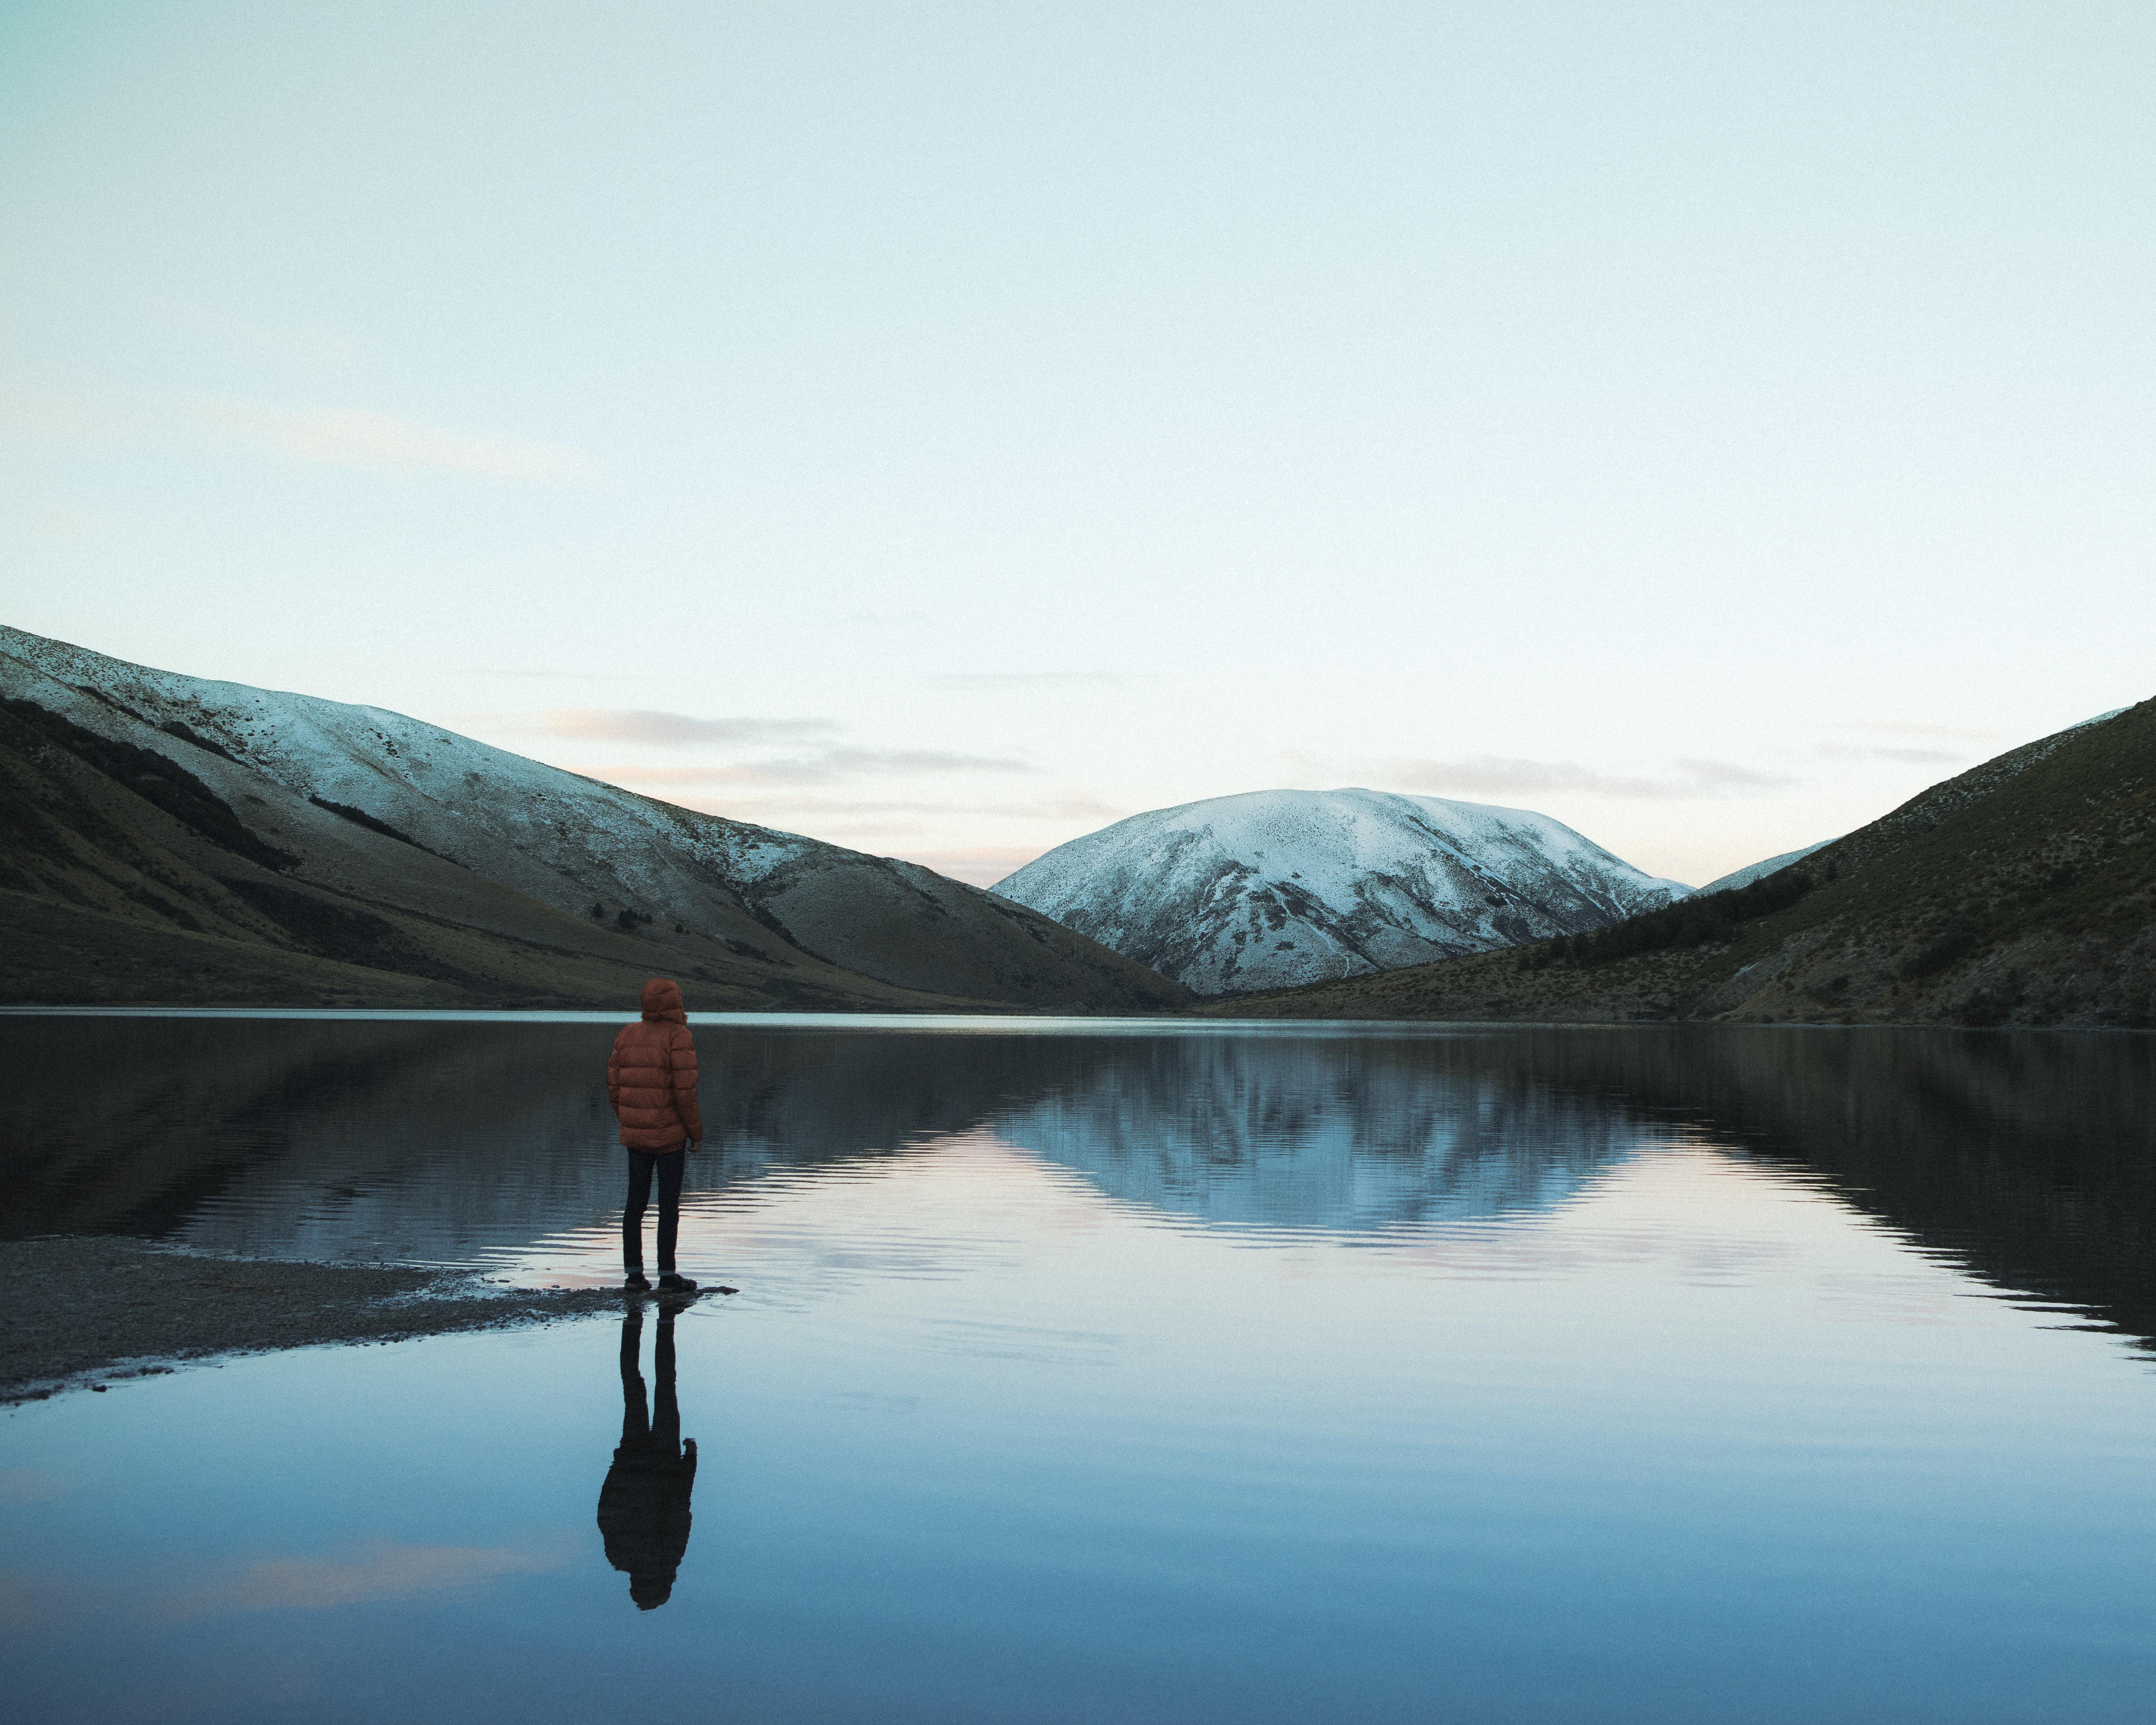 Lake_Lyndon